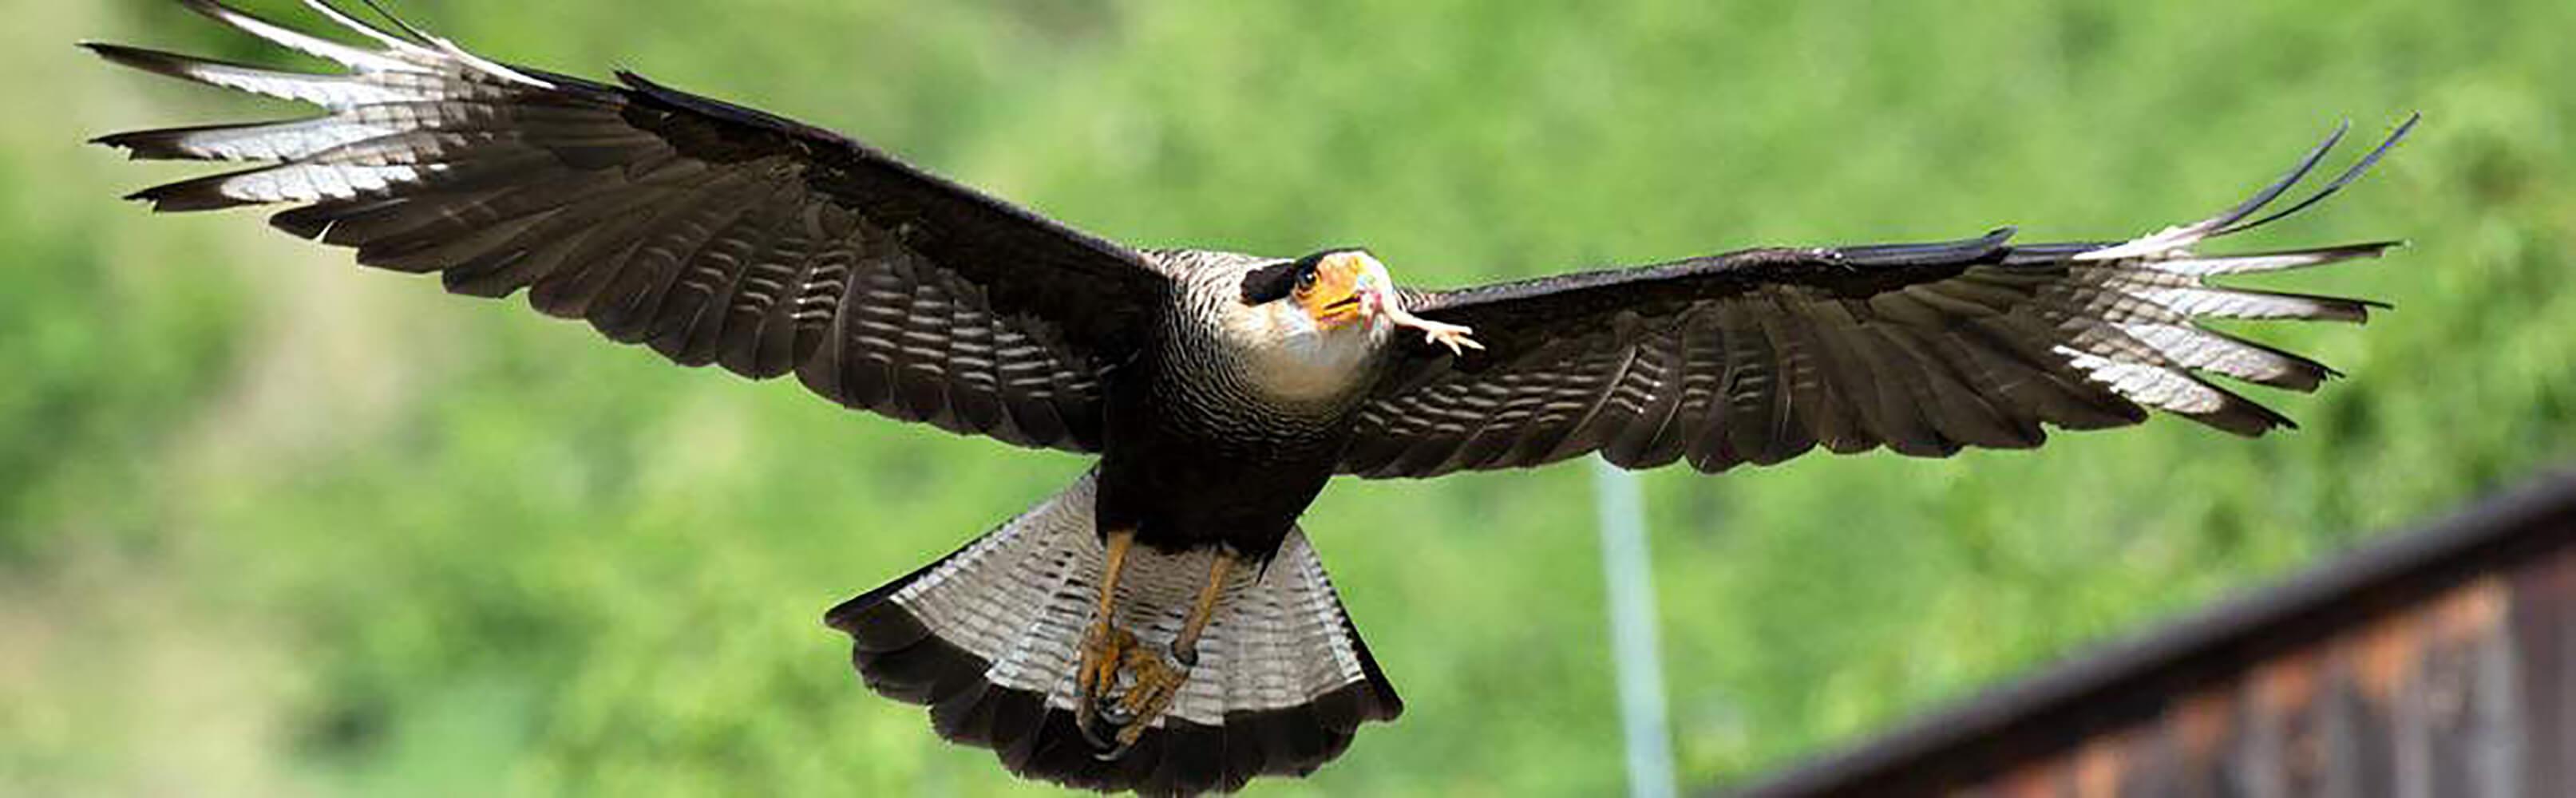 Gufyland - Pflegezentrum für Vogelfauna Schloss Tirol 1